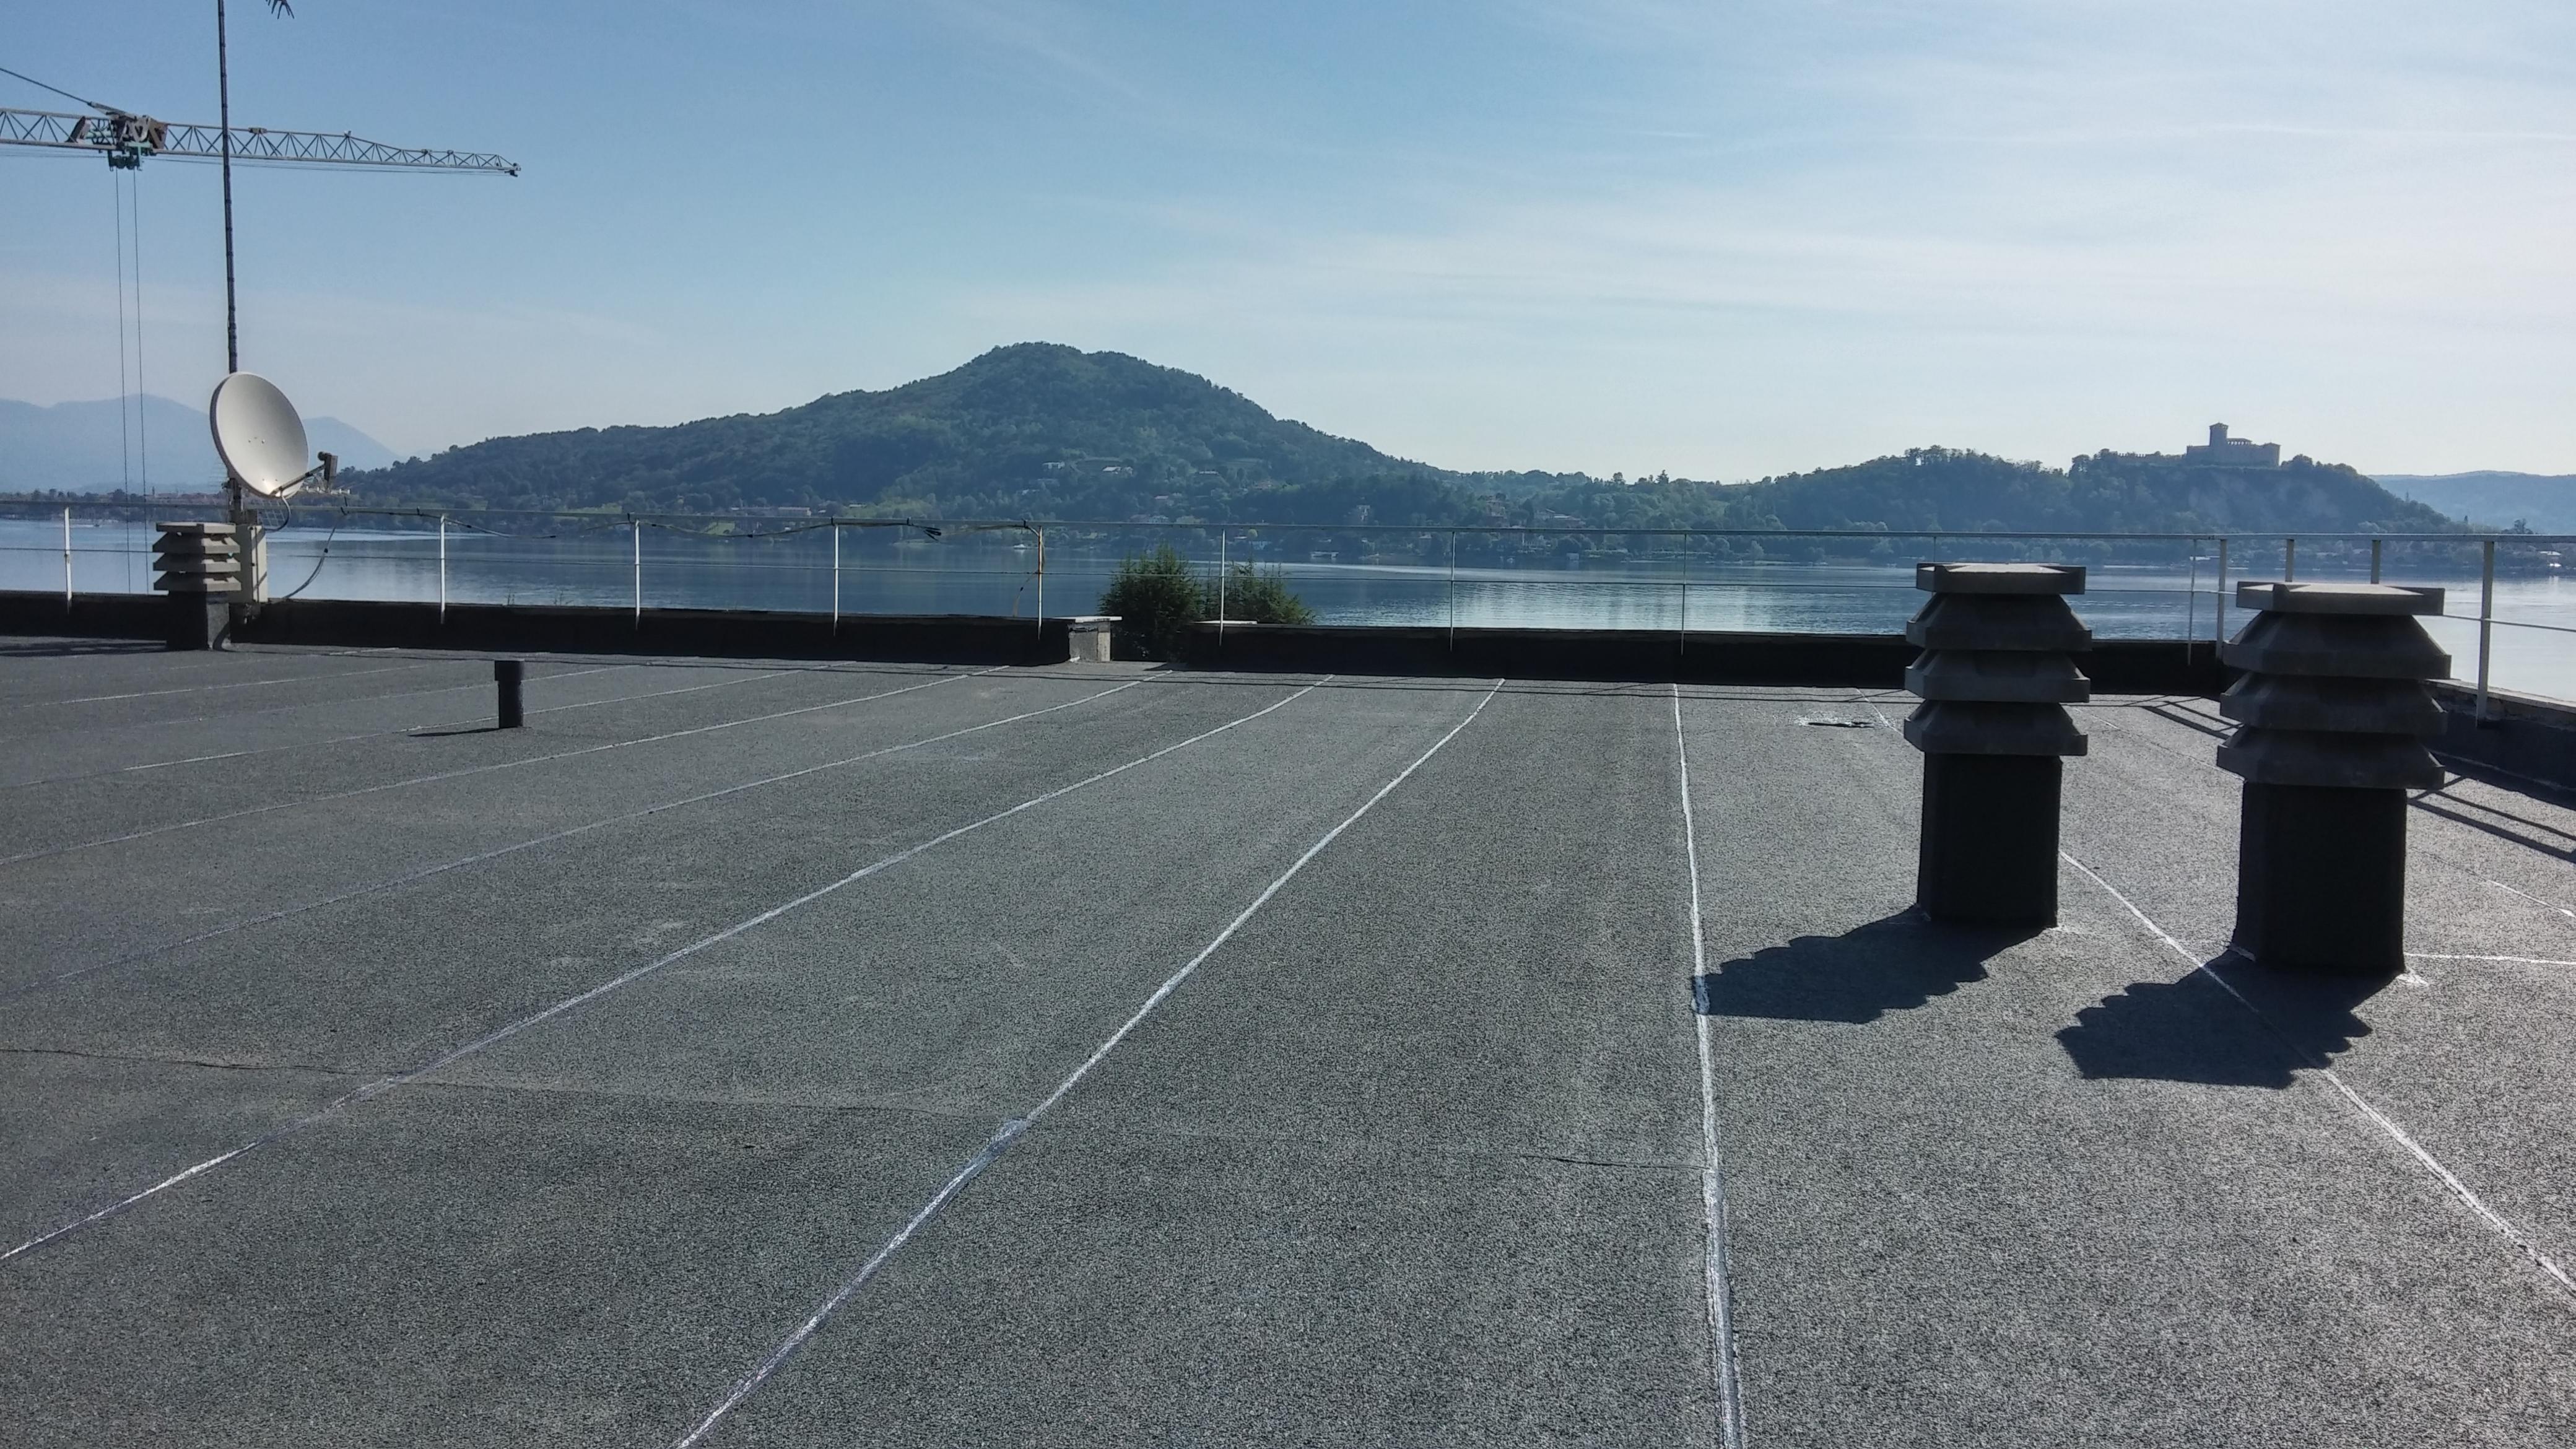 impermeabilizzazione terrazze calpestabili - 28 images ...